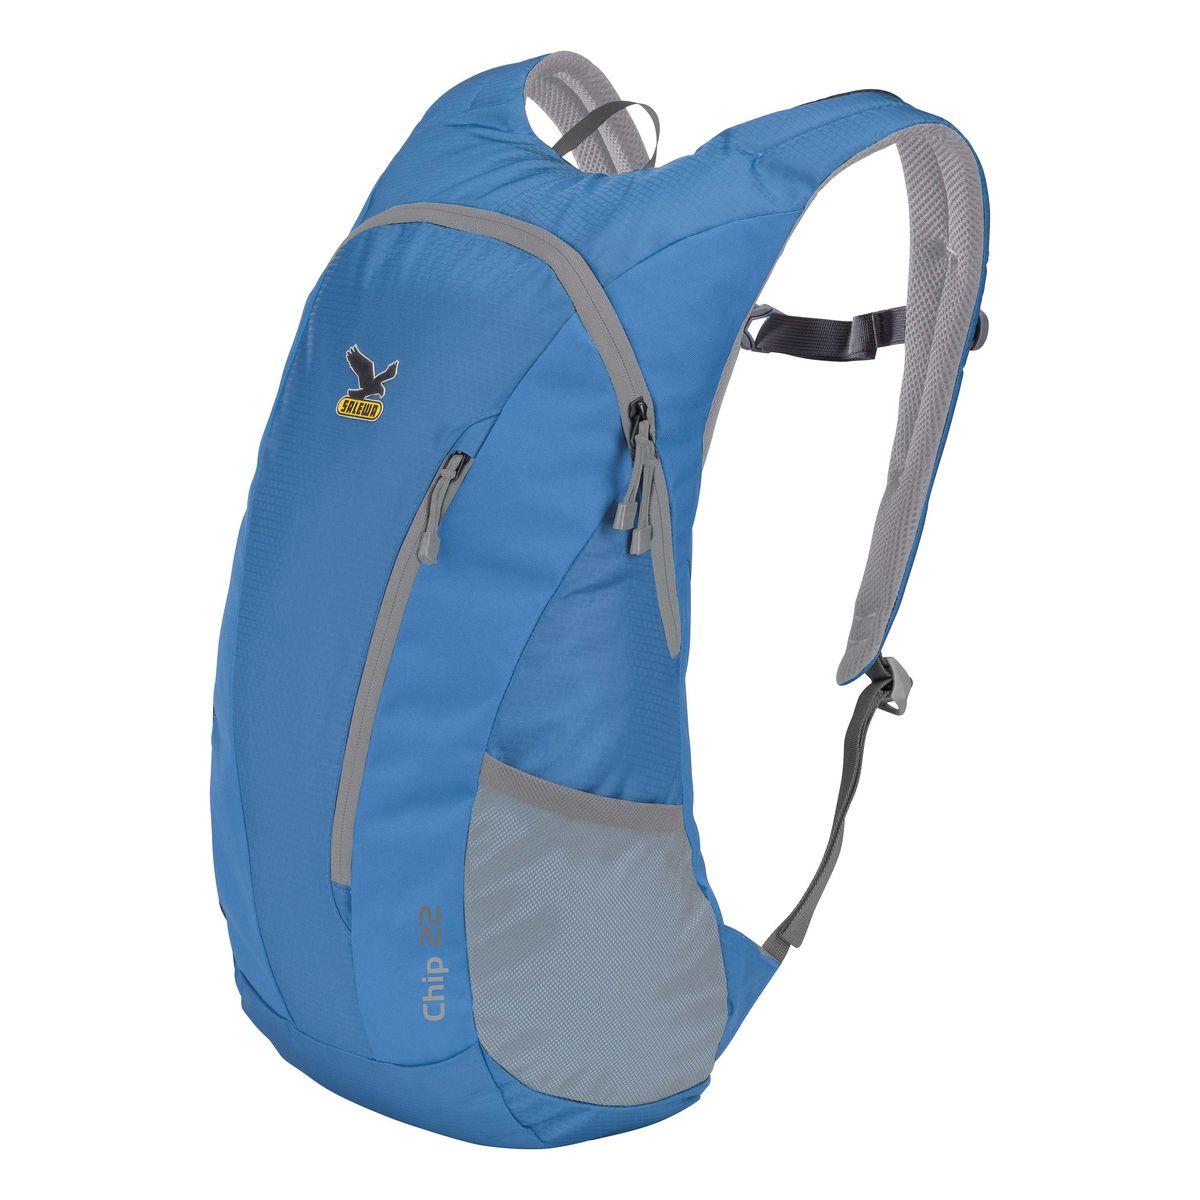 Рюкзак городской Salewa Chip 22, цвет: синий, 22 л. 1130_84901130_8490Стильный городской рюкзак Salewa Chip 22 выполнен из полиэстера. Изделие имеет одно основное отделение, которое закрывается на застежку-молнию. Внутри расположен накладной карман для небольшого ноутбука. Снаружи, на передней стенке находится прорезной карман на застежке-молнии, в который рюкзак компактно складывается. По бокам расположены сетчатые карманы на эластичных резинках.Рюкзак оснащен широкими регулирующими лямками и удобной ручкой для переноски в руках. Лямки дополнены регулируемым грудным ремнем. Спинка и внутренняя сторона лямок оснащена сетчатыми вставками, которые обеспечивают воздухопроницаемость и комфорт во время носки. Компактный городской рюкзак идеально подойдет для повседневного использования и активного досуга.